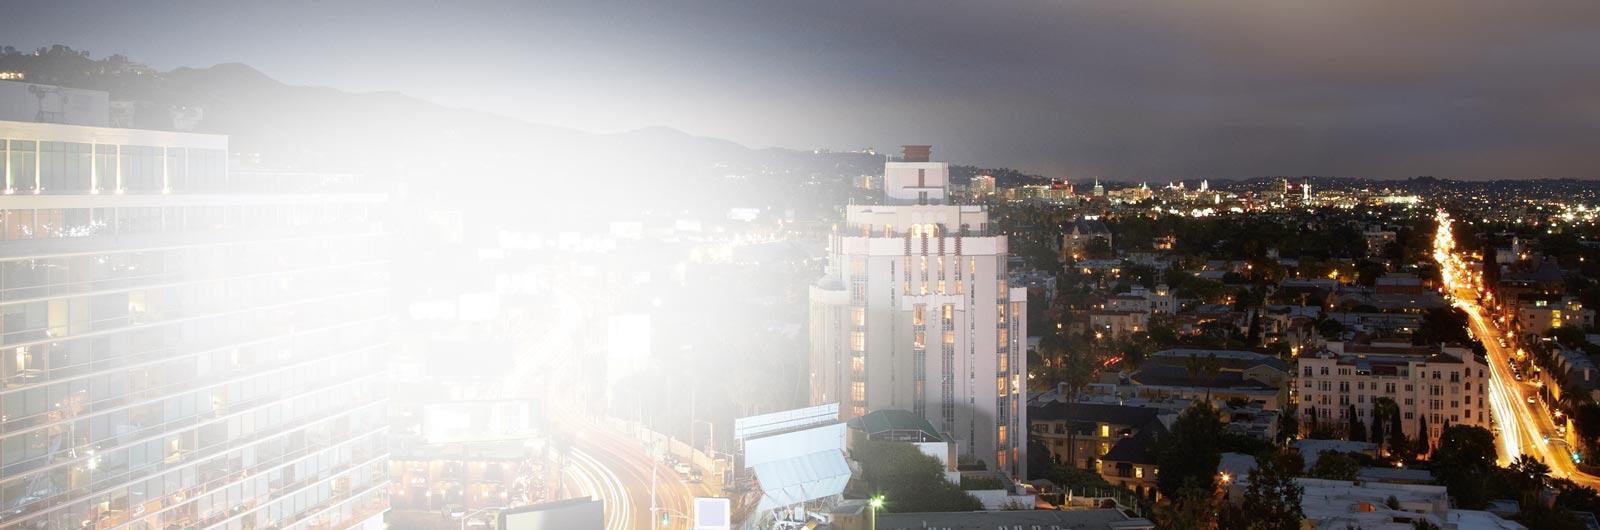 Pogled na grad noću. Pročitajte iskustva Exchange korisnika širom sveta.